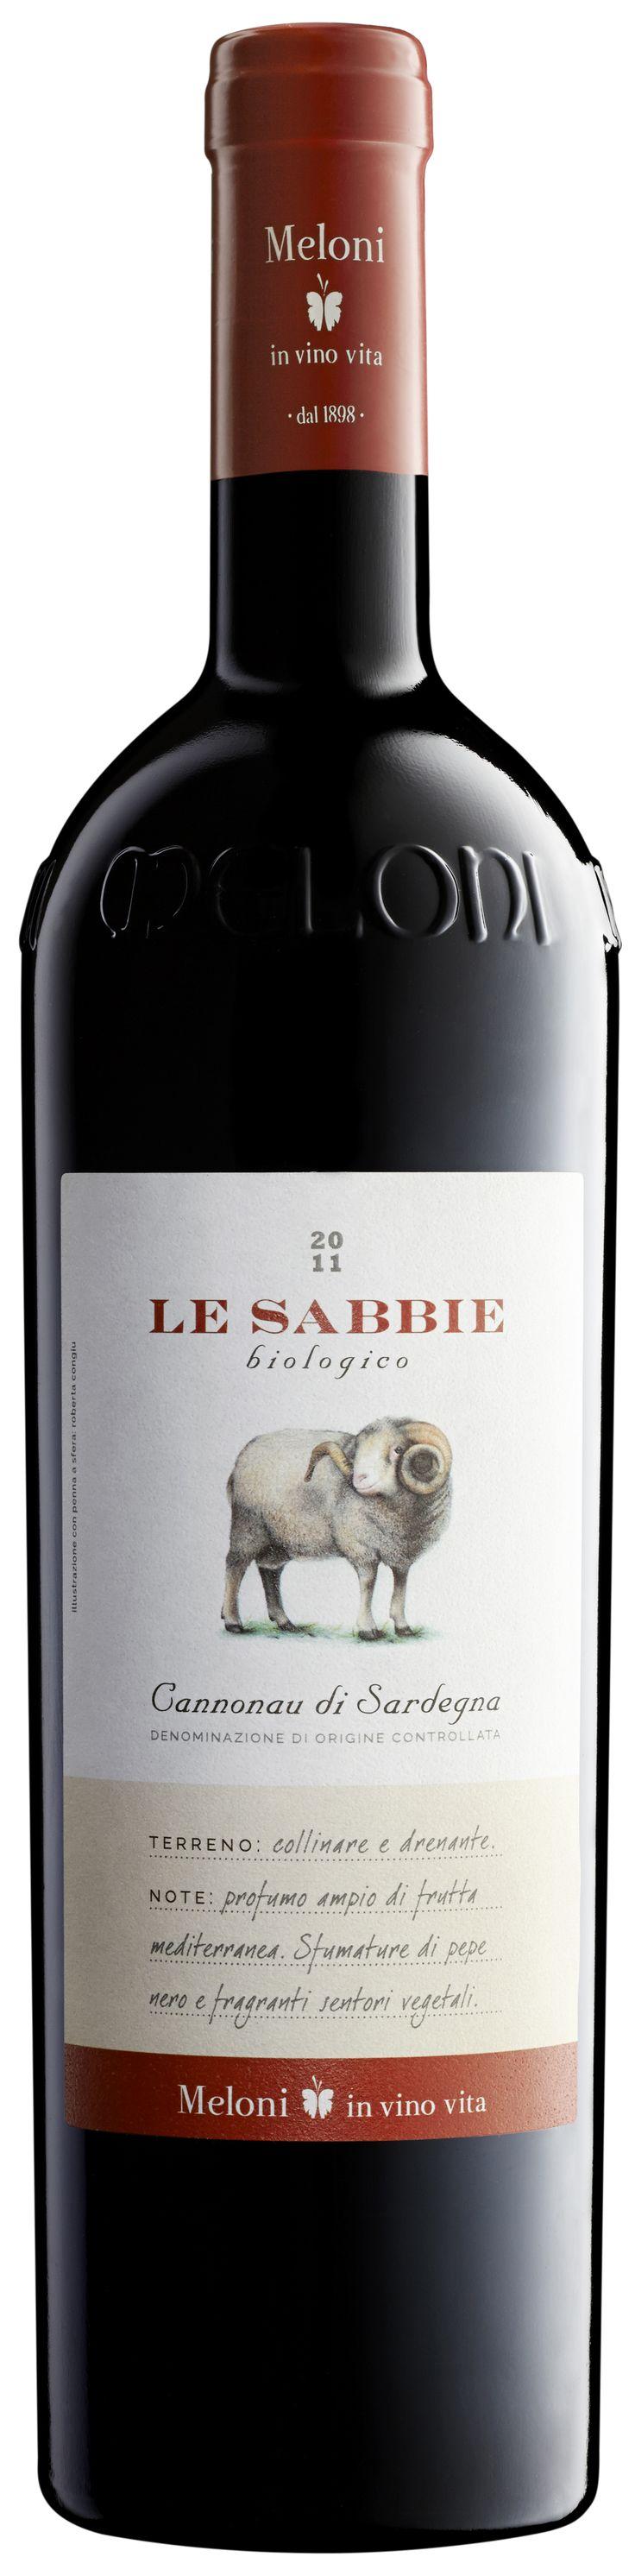 Le Sabbie Cannonau DOC 2013 sardische Weine bestellen Sie bei www.tiposarda.de